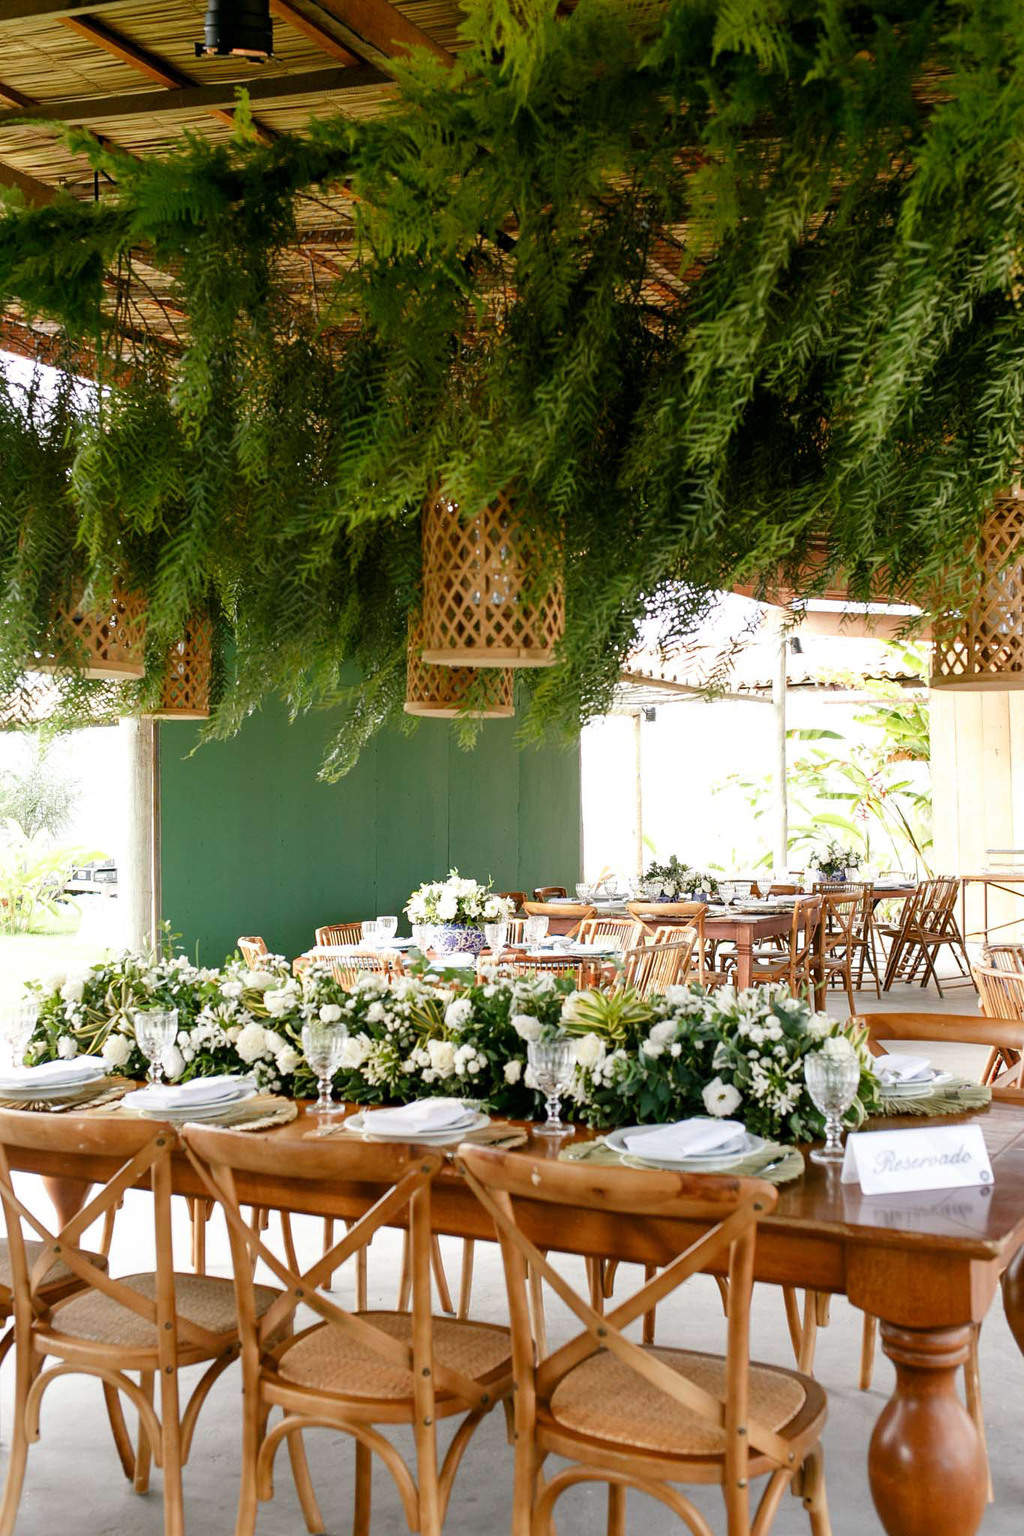 AL-Aline-e-Mauricio-bolo-de-casamento-capela-dos-milagres-casamento-casamento-na-praia-decoracao-de-casamento12-1